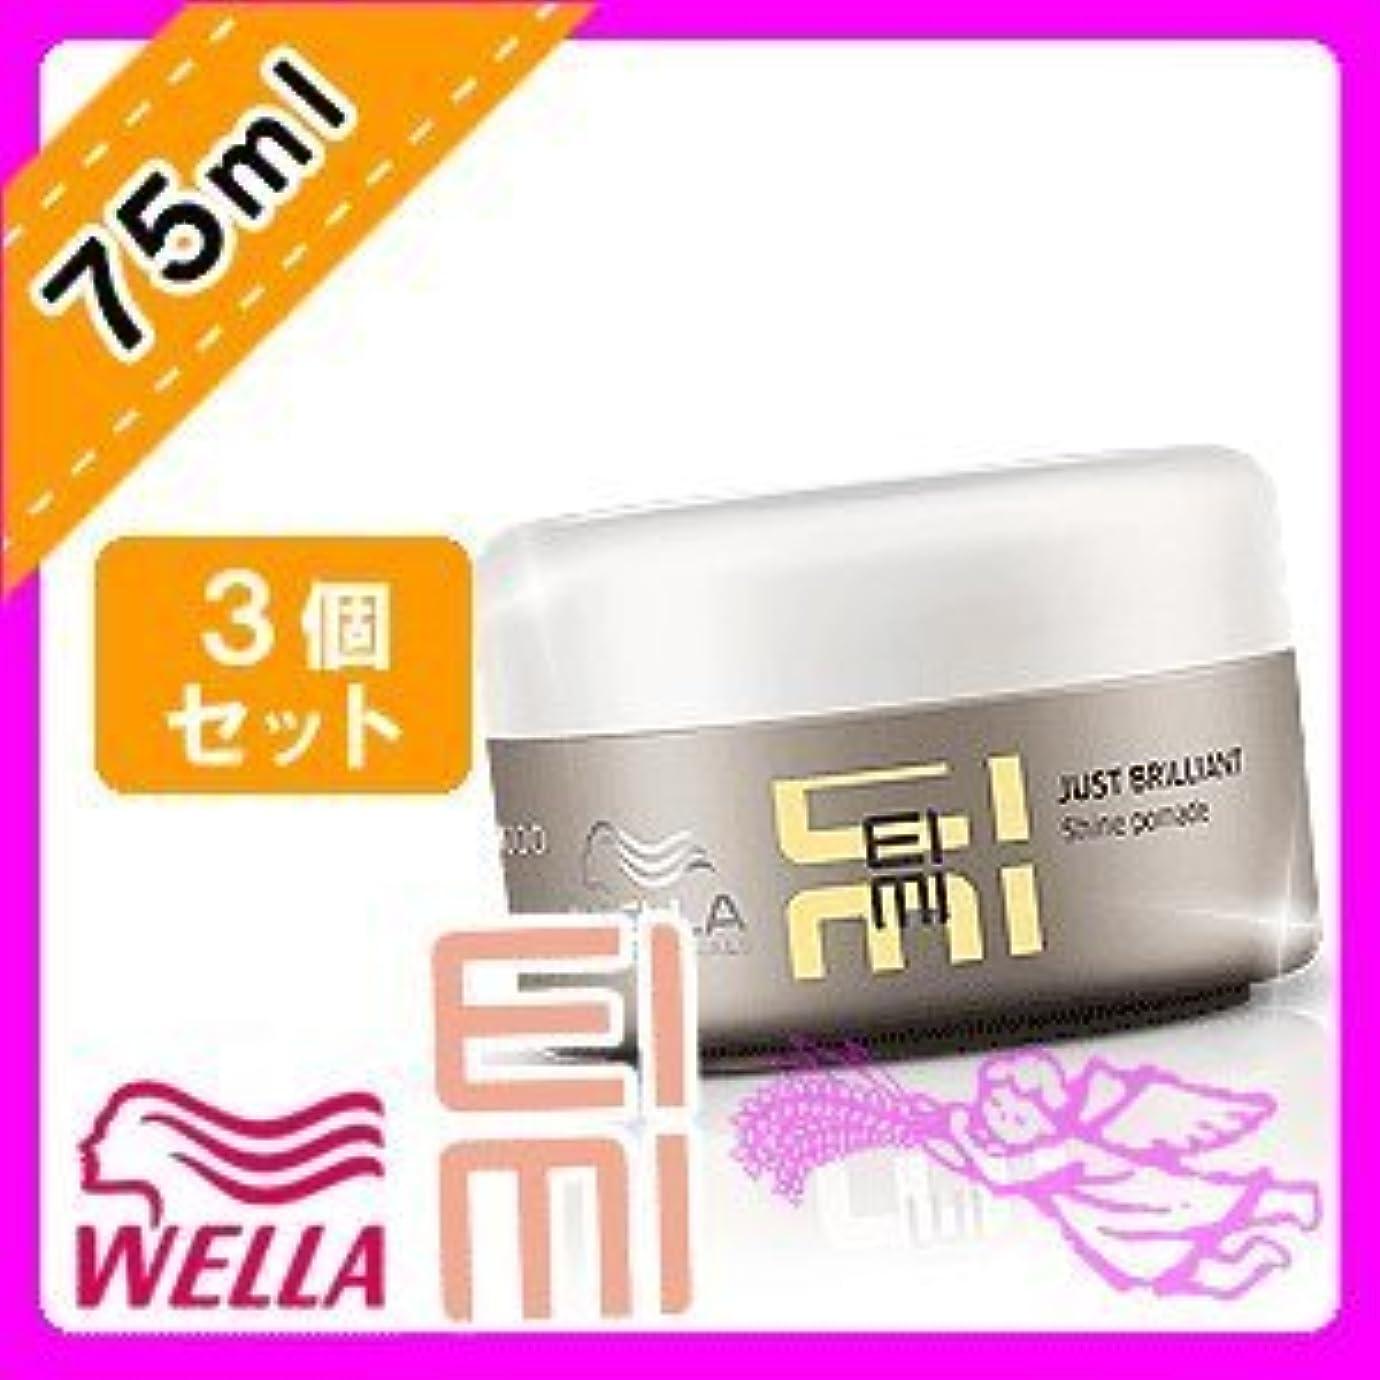 有益赤字持続するウエラ EIMI(アイミィ) ジャストブリリアントクリーム 75ml ×3個 セット WELLA P&G